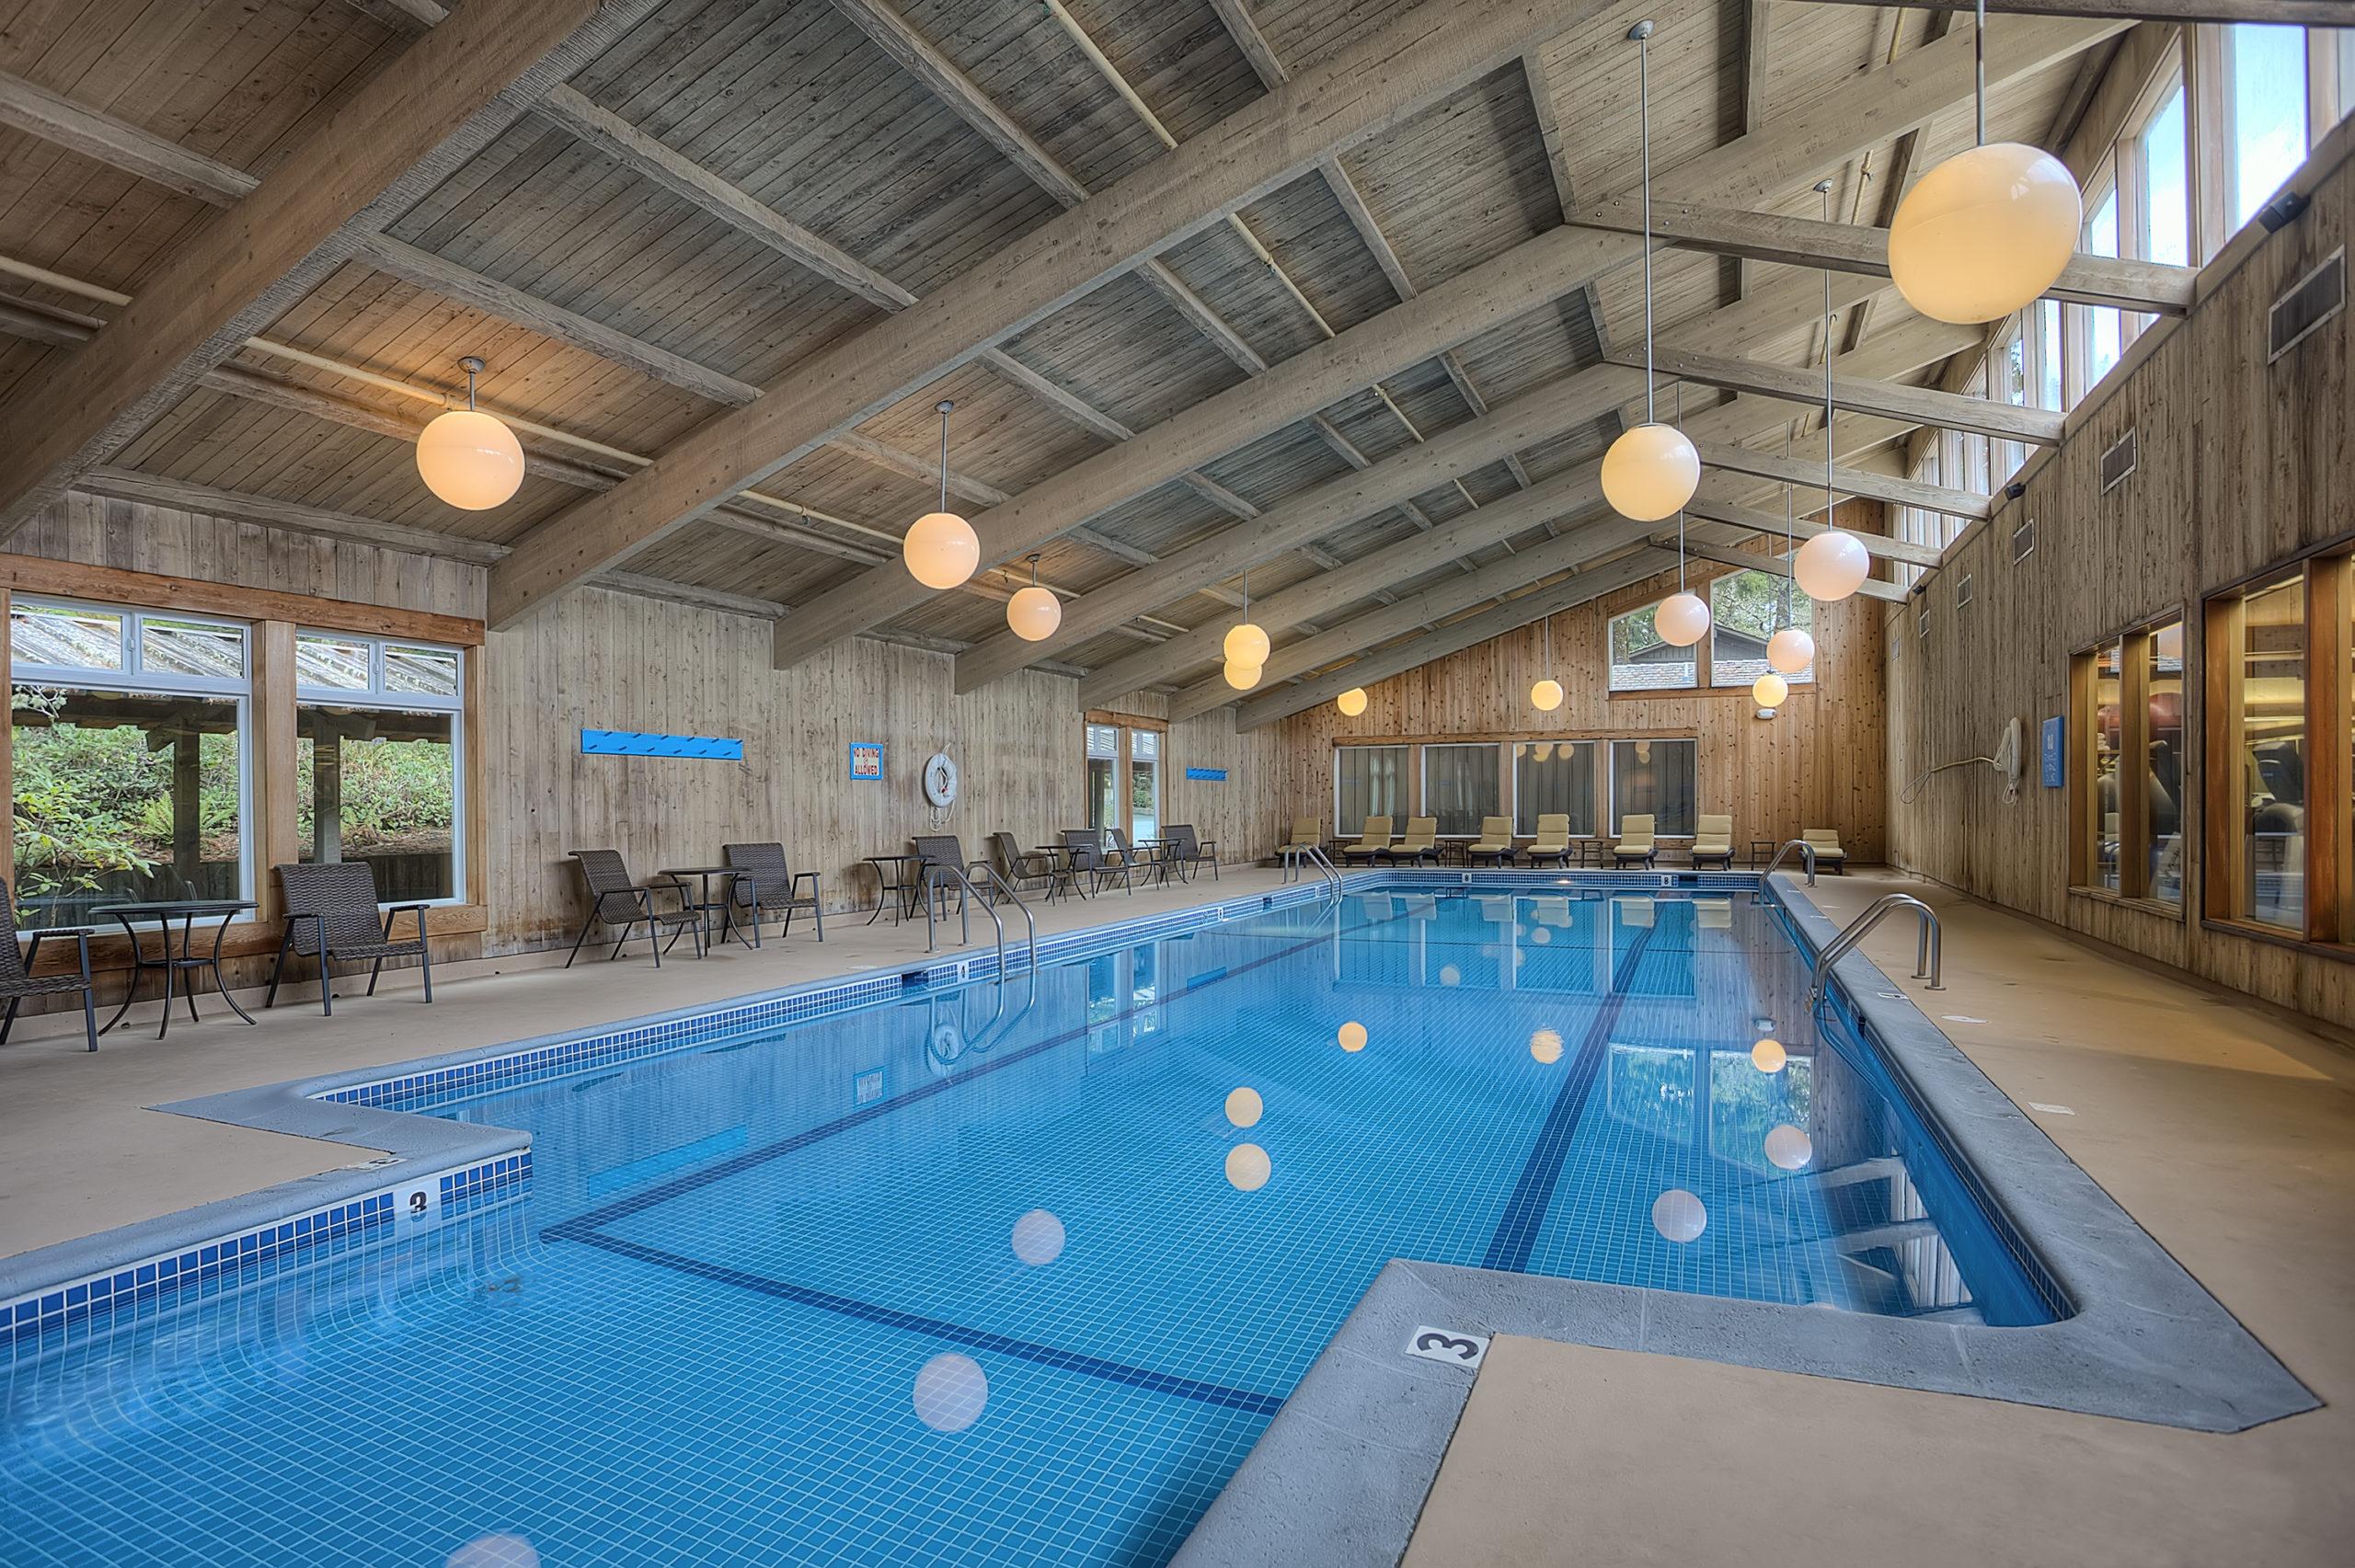 Indoor pool resort hotel Salishan Lincoln City Oregon Coast